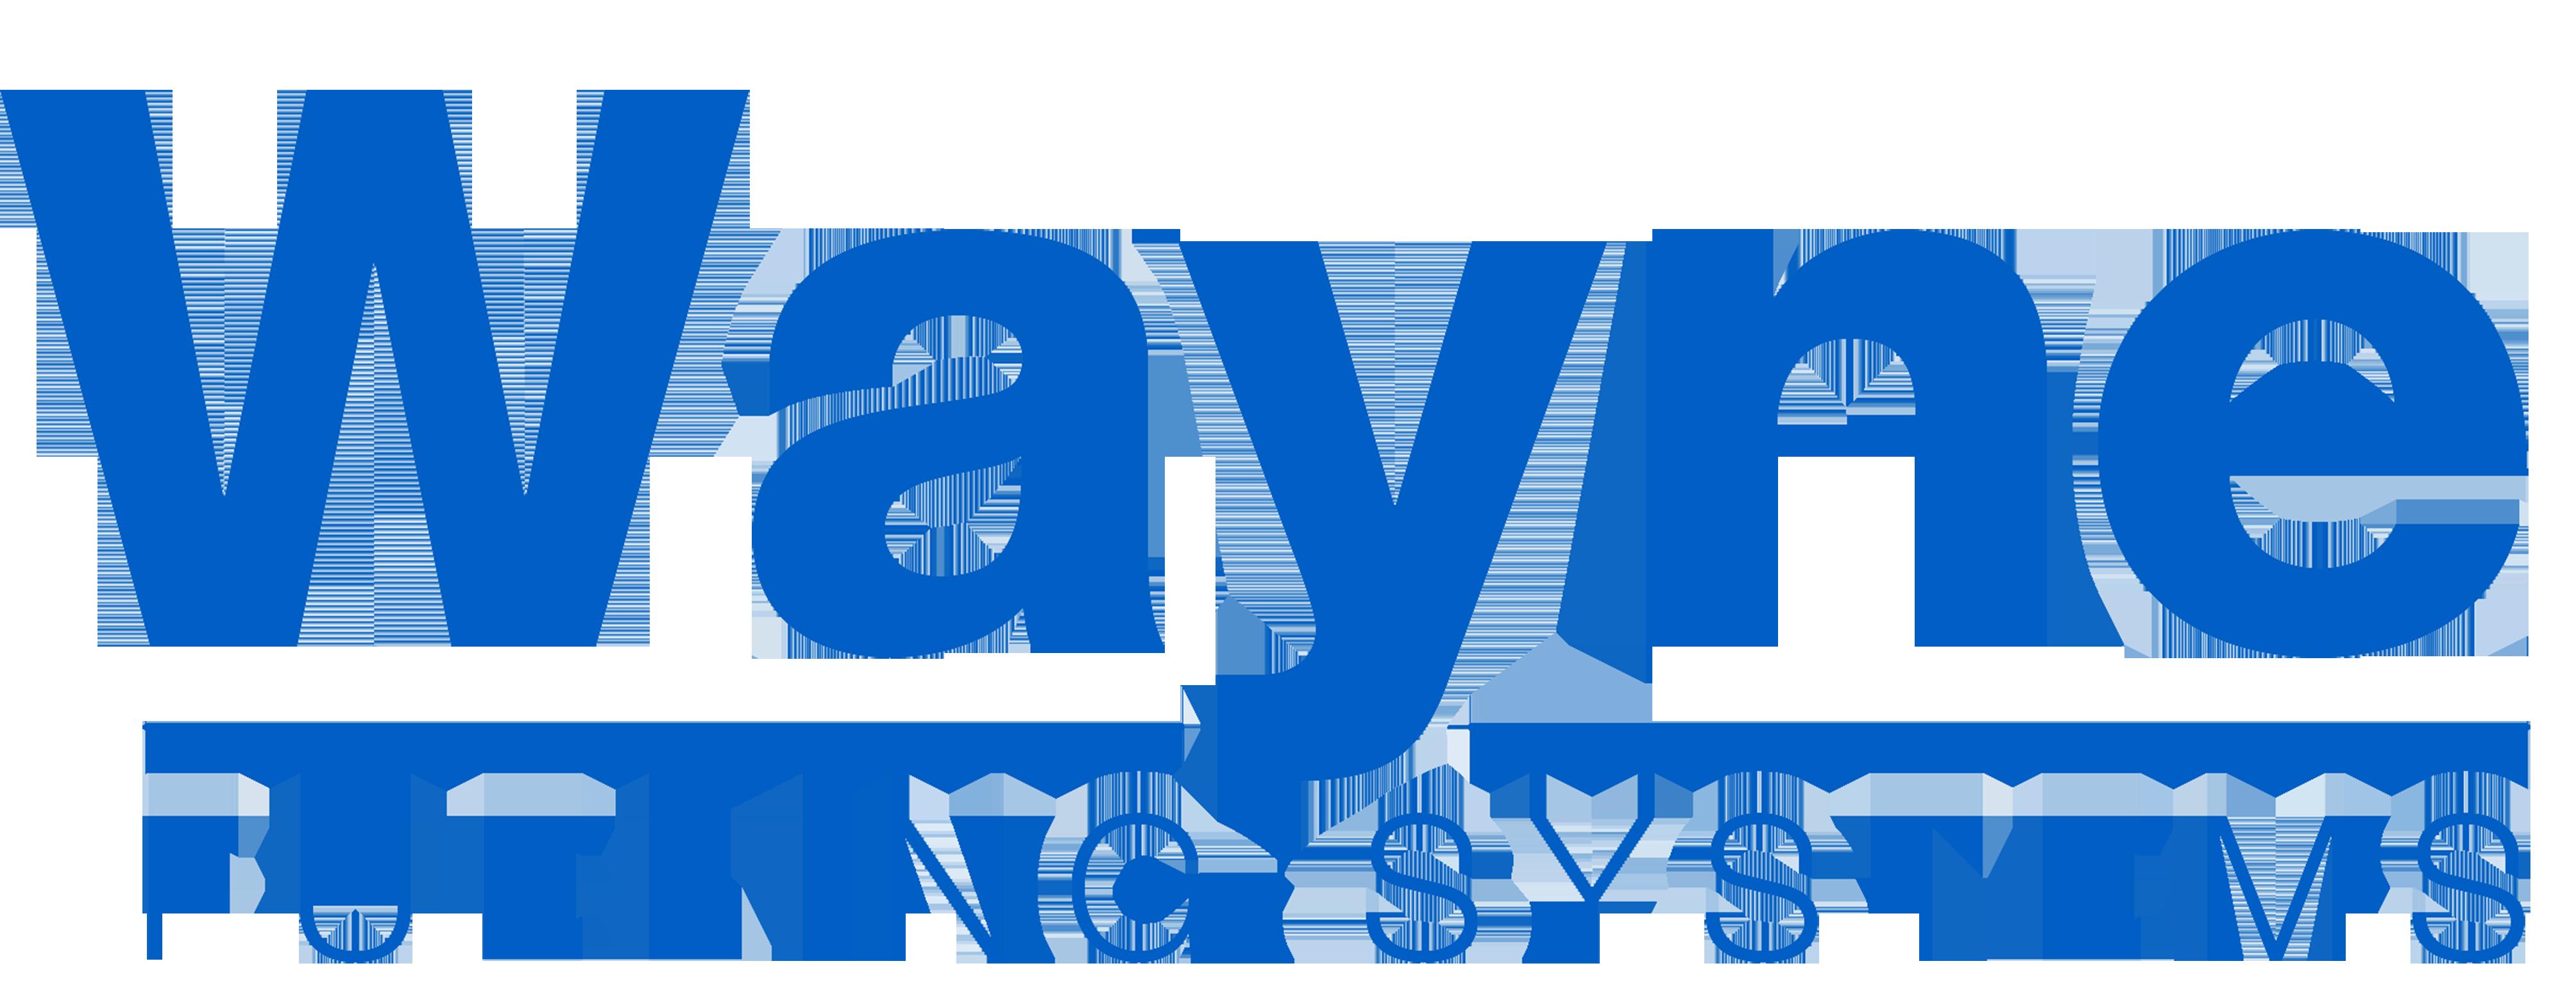 wayne-megatech